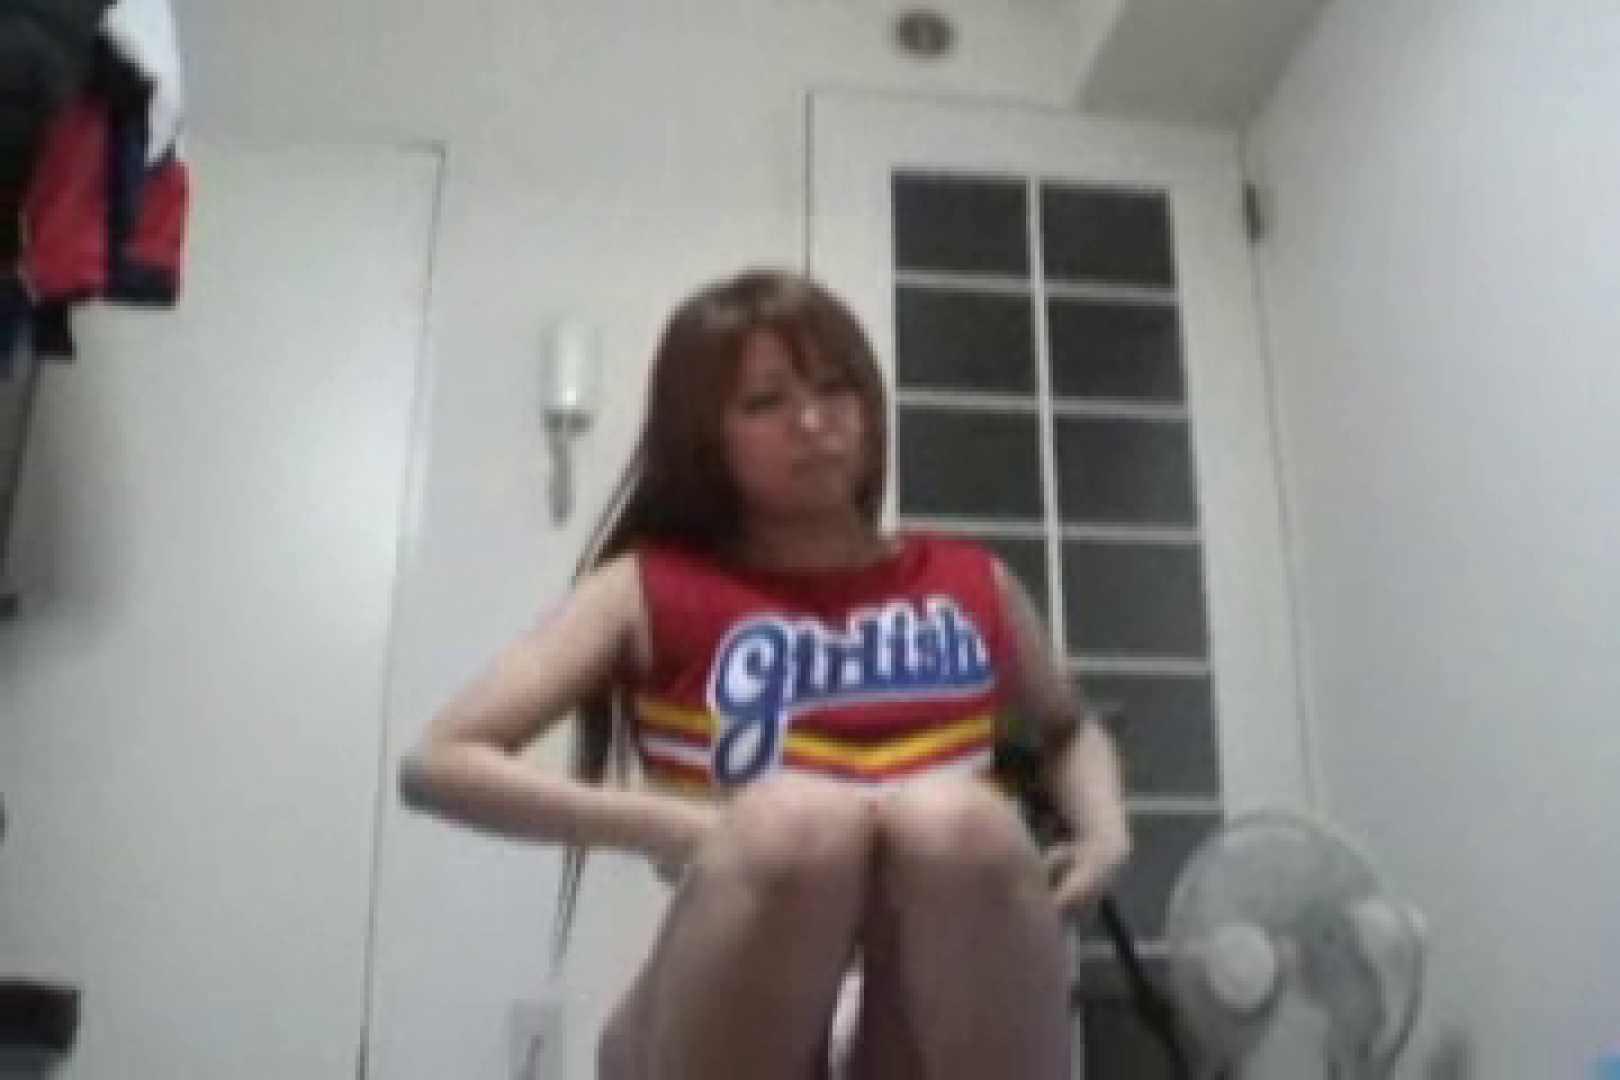 パンツ売りの女の子 ゆづきちゃんvol.2 シックスナイン セックス画像 72pic 23